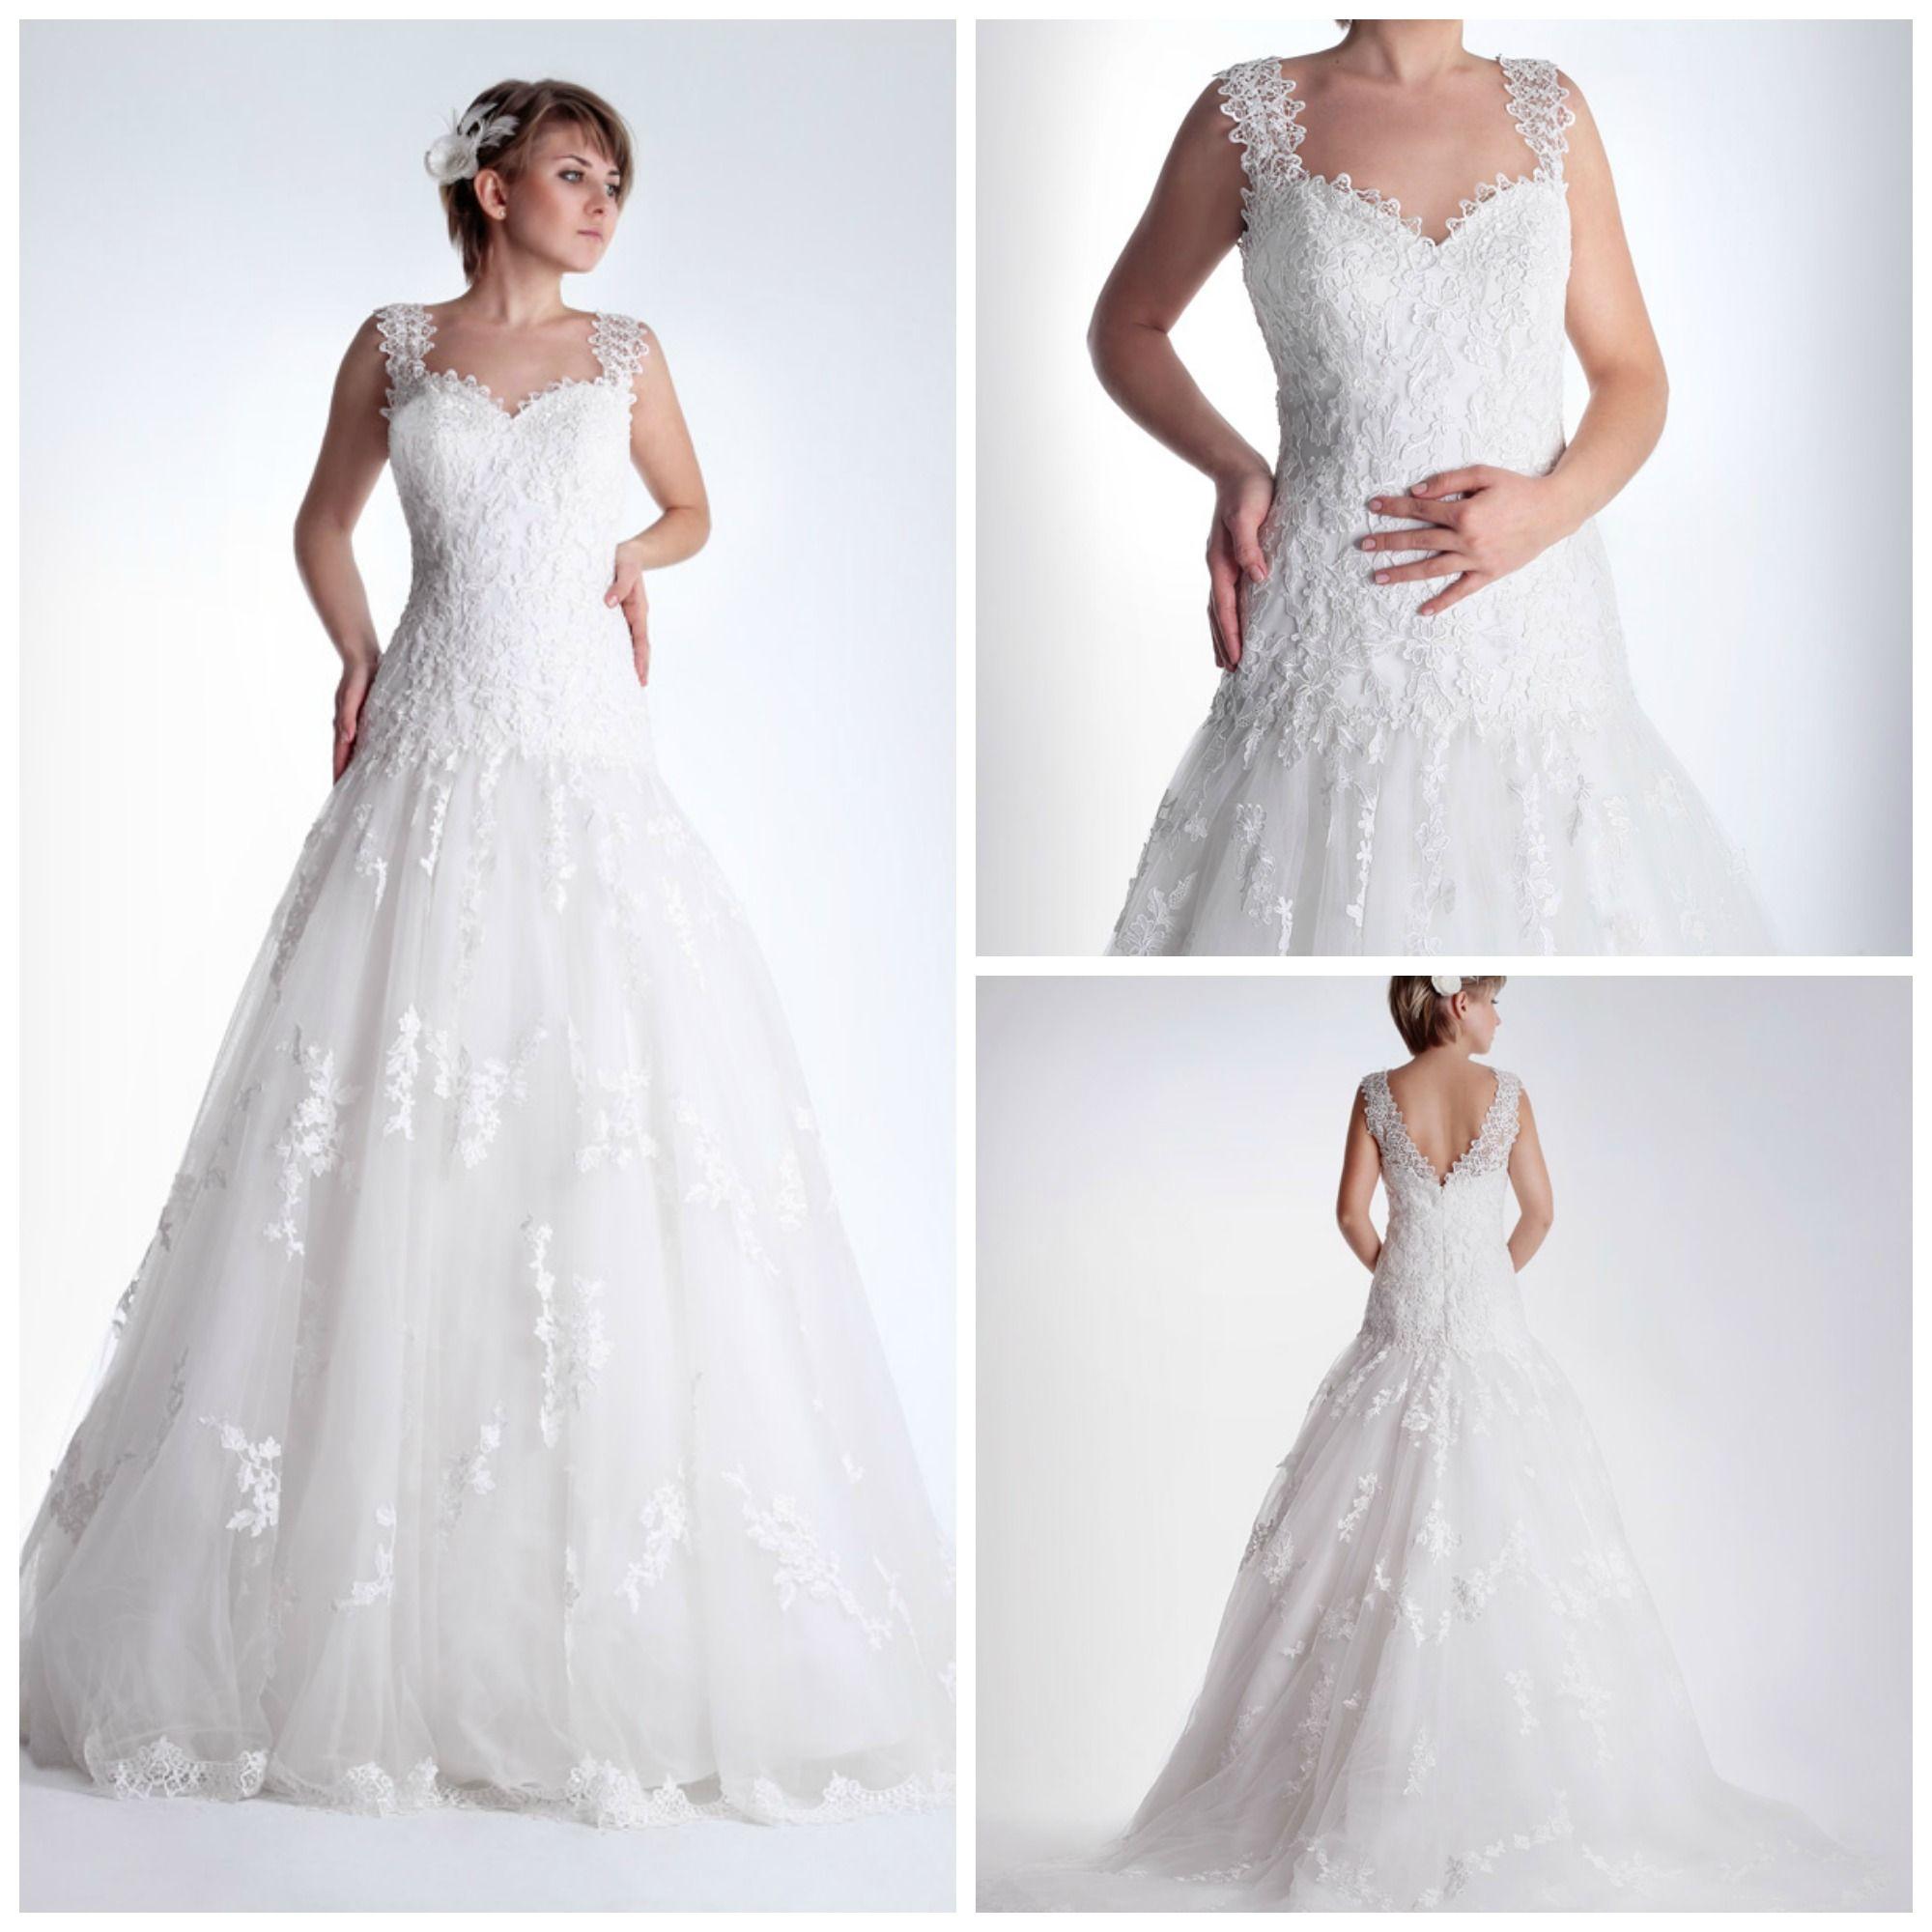 El pasado viernes os presentamos el vestido de novia #Innovias ...